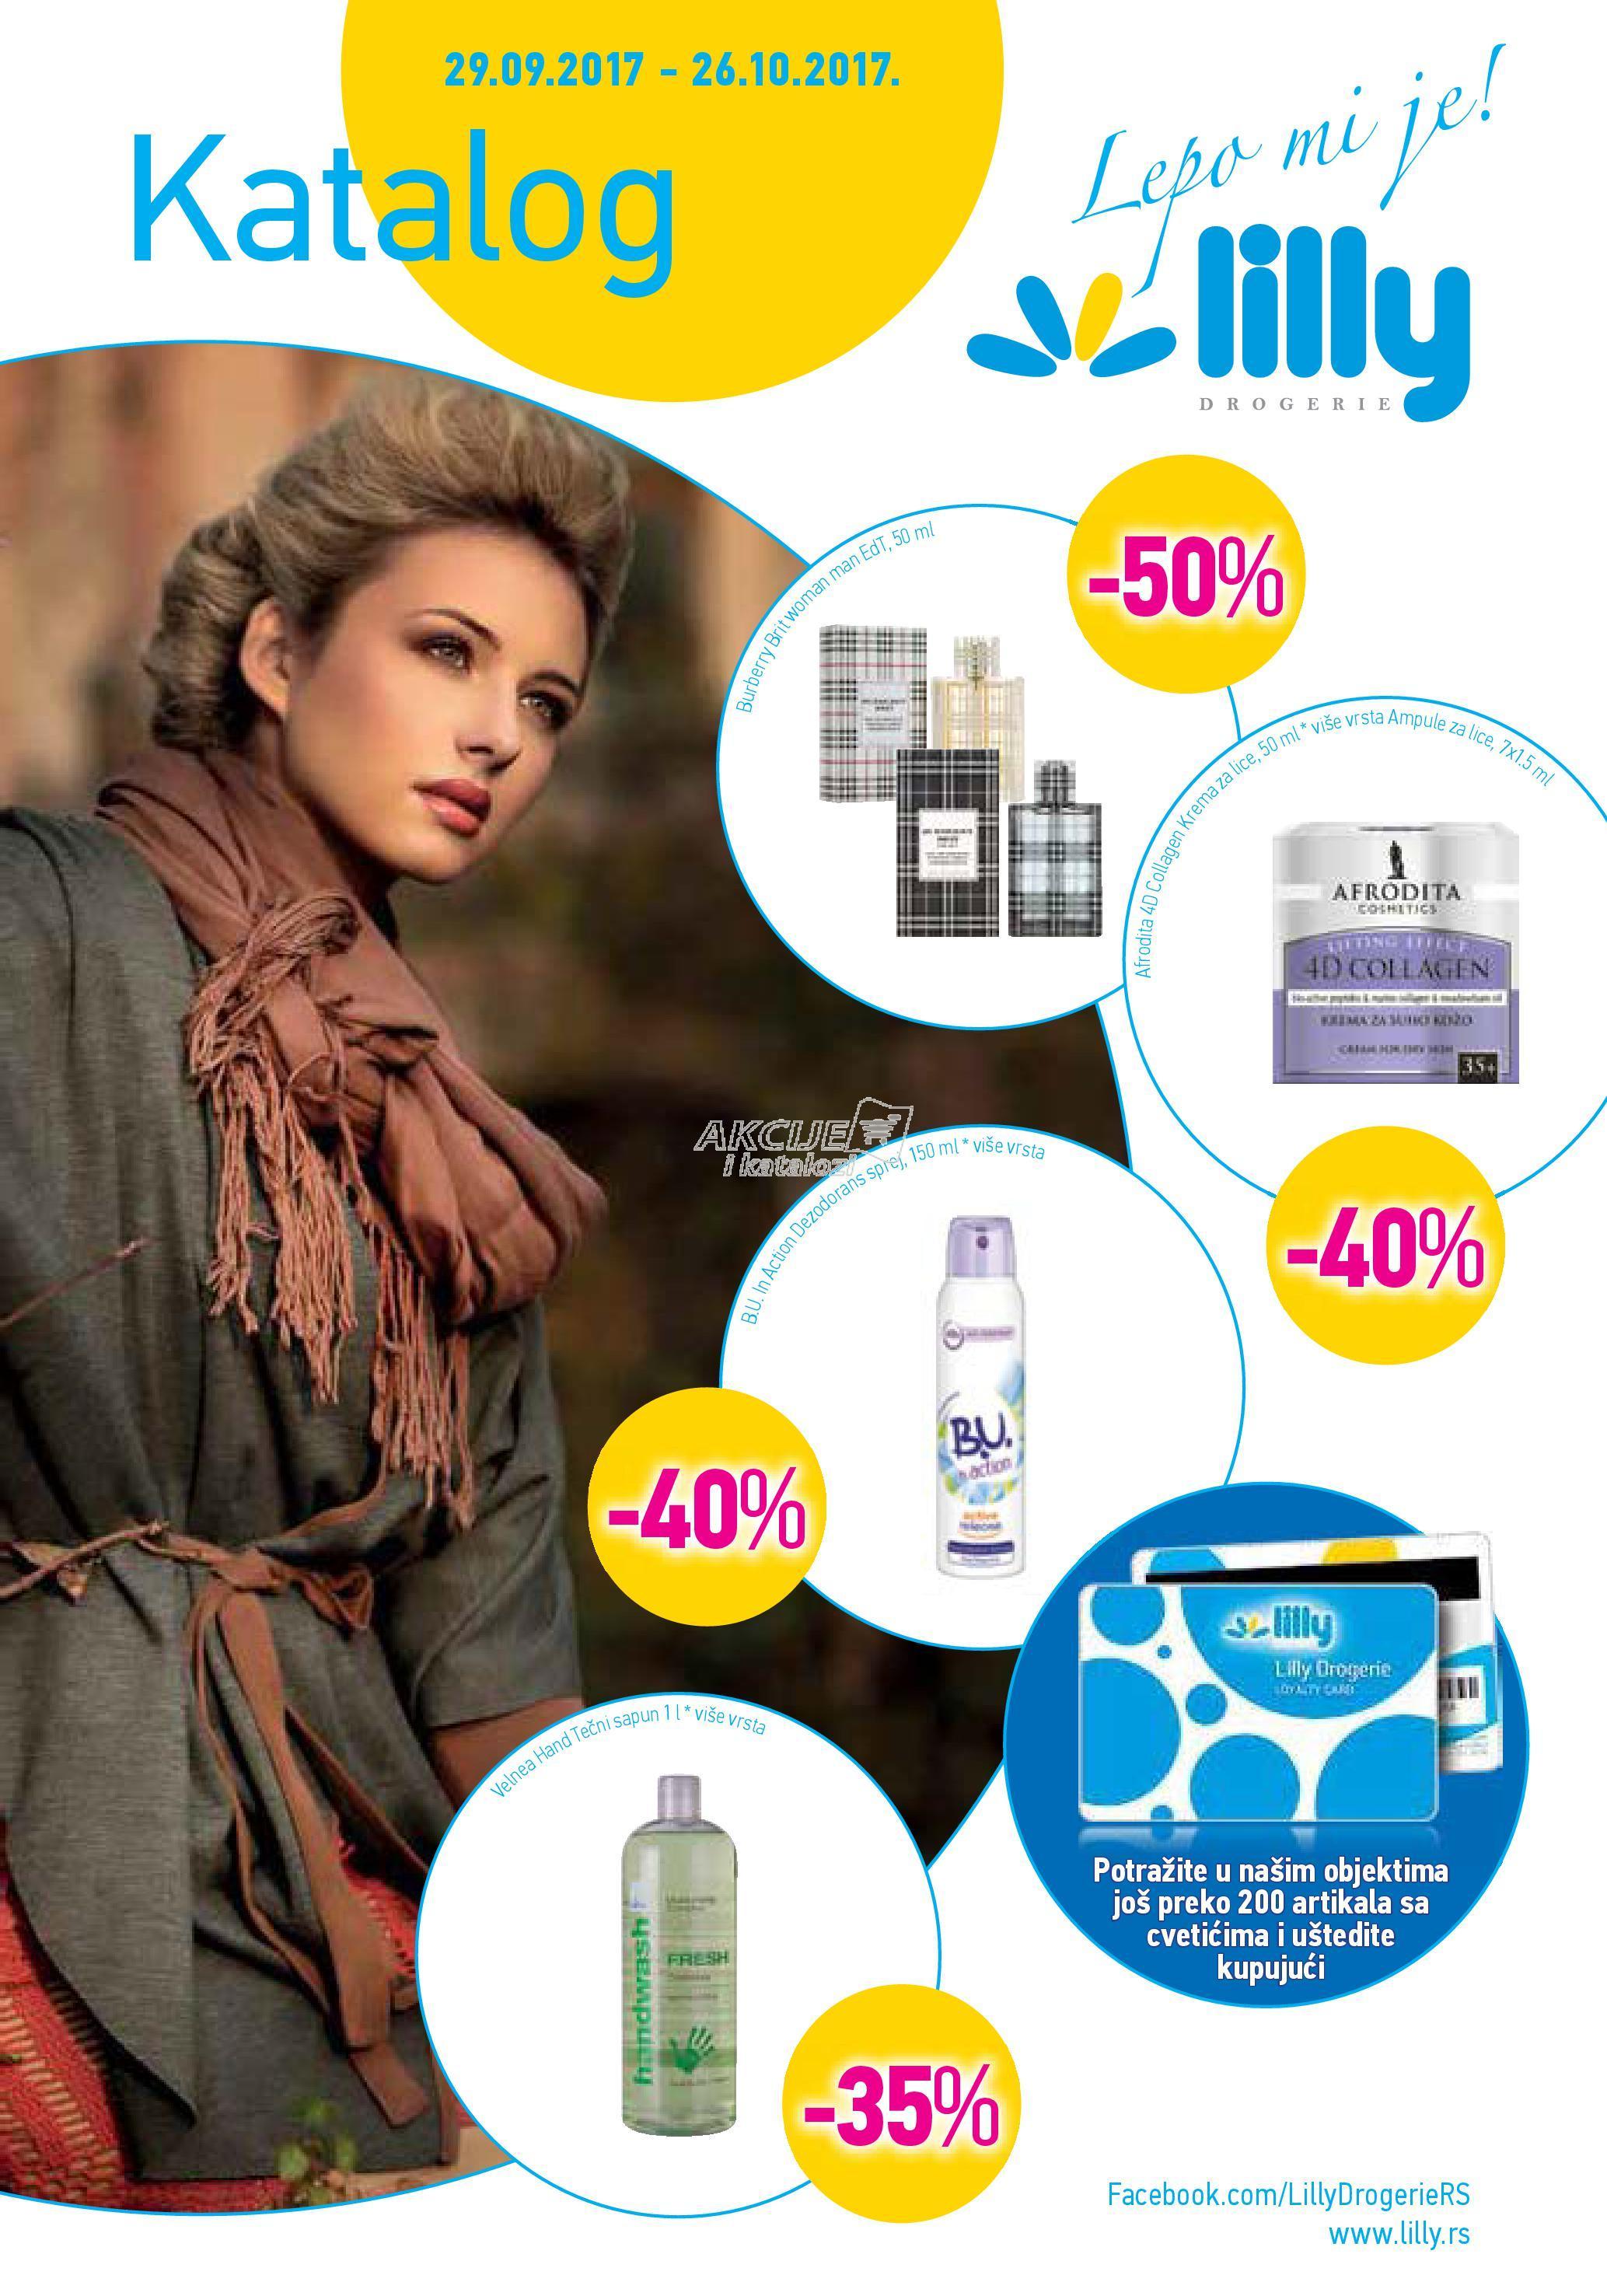 Lilly akcija jesenje kupovine